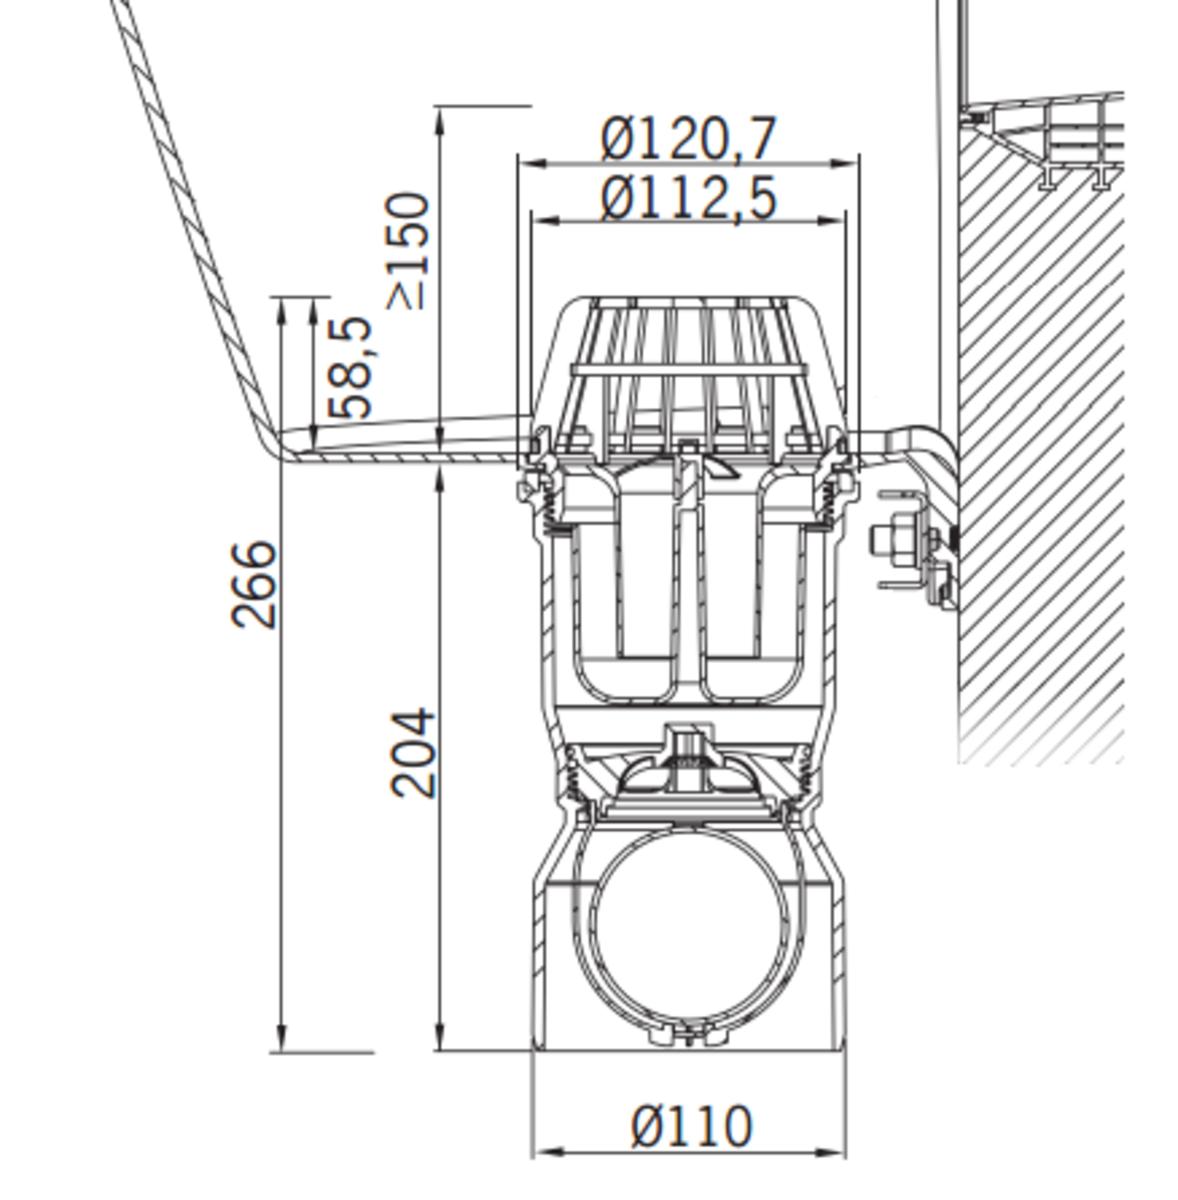 Esquema técnico del sumidero para tragaluz THERM, fabricado en polipropileno color blanco, de dimensiones Ø121 H266 con salida vertical DN110, sifón y válvula antirretorno.